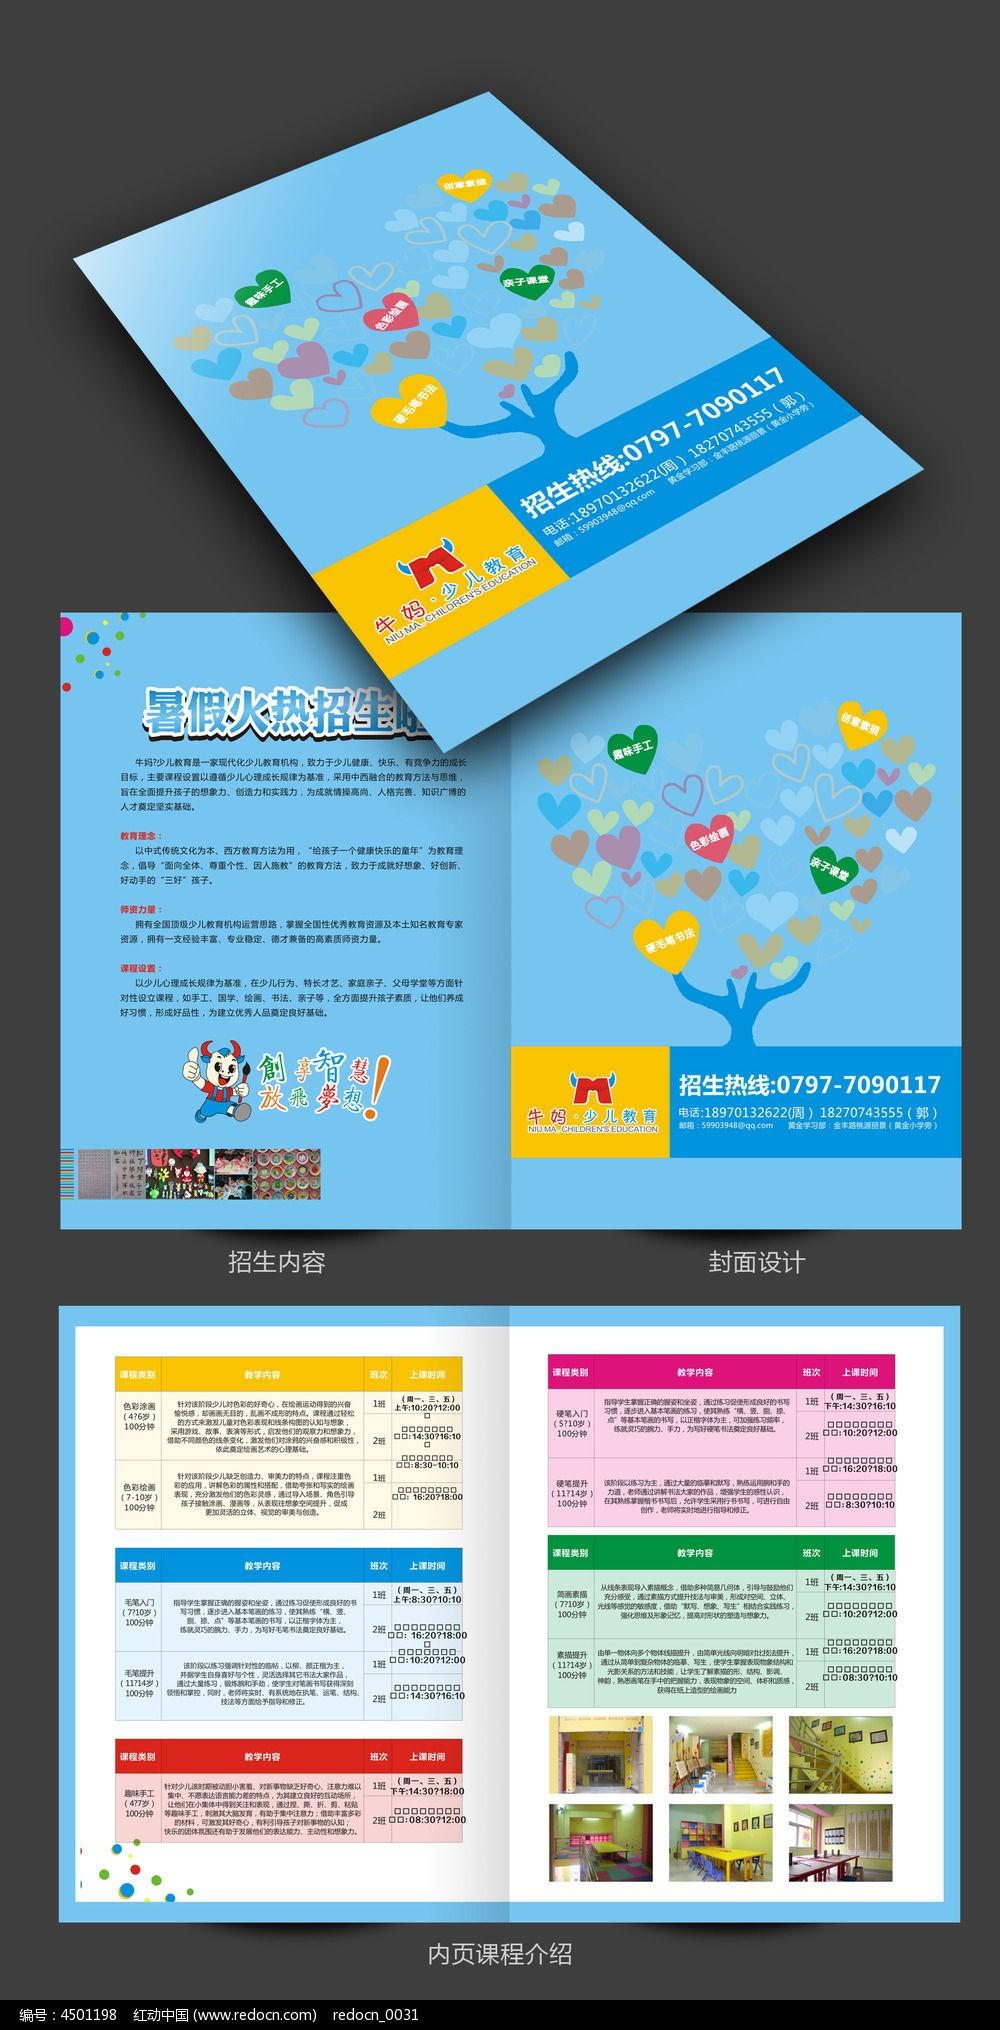 童画馆宣传单_儿童美术培训宣传册内容|儿童美术培训宣传册版面设计